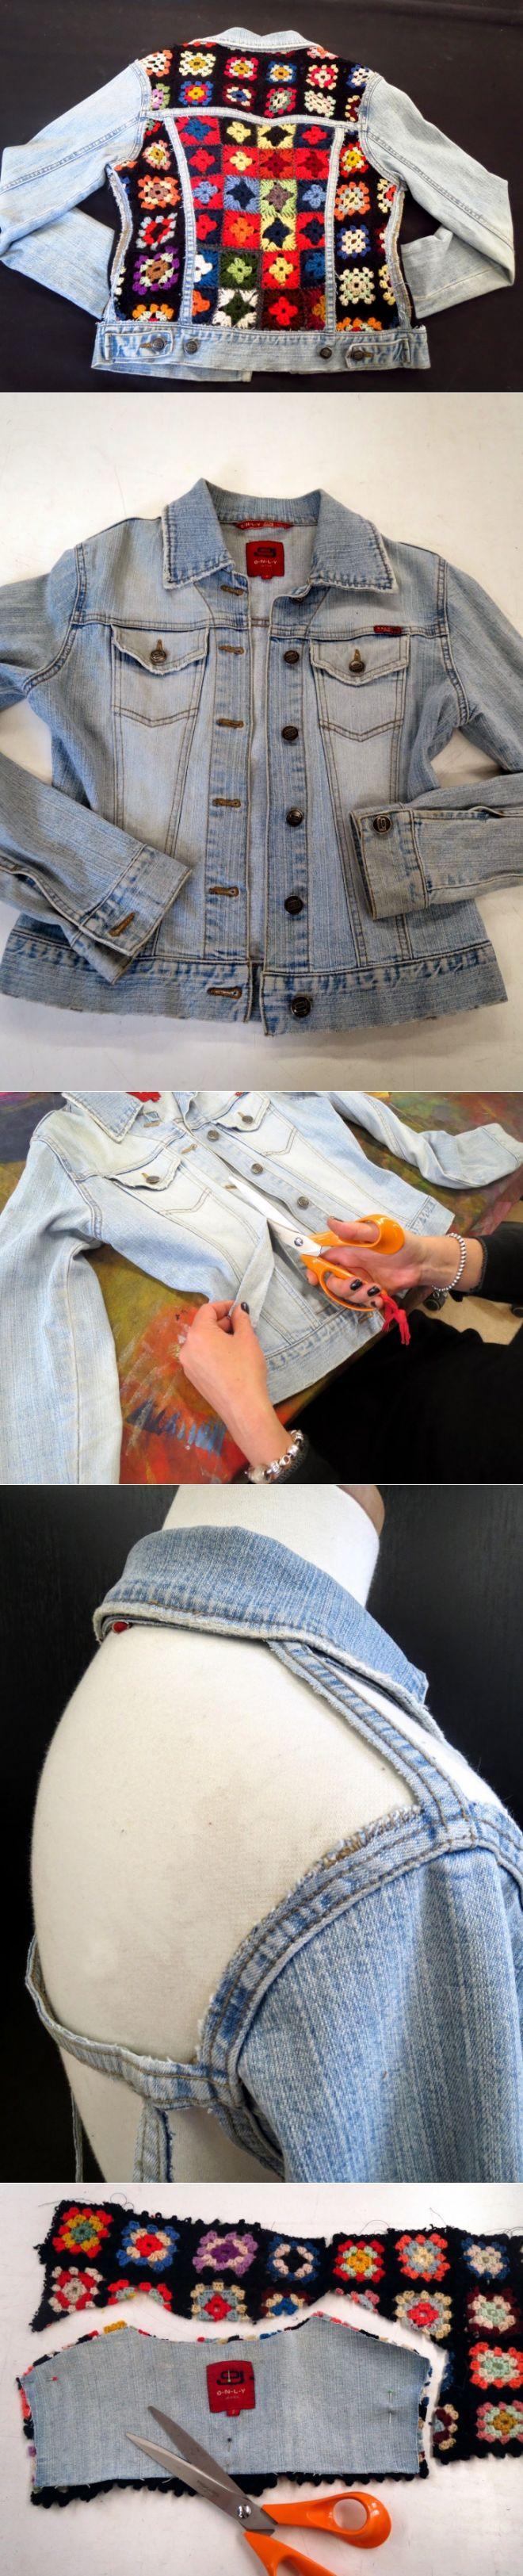 Джинсовая куртка. Мастер-класс / как сшить джинсовую курточку 48